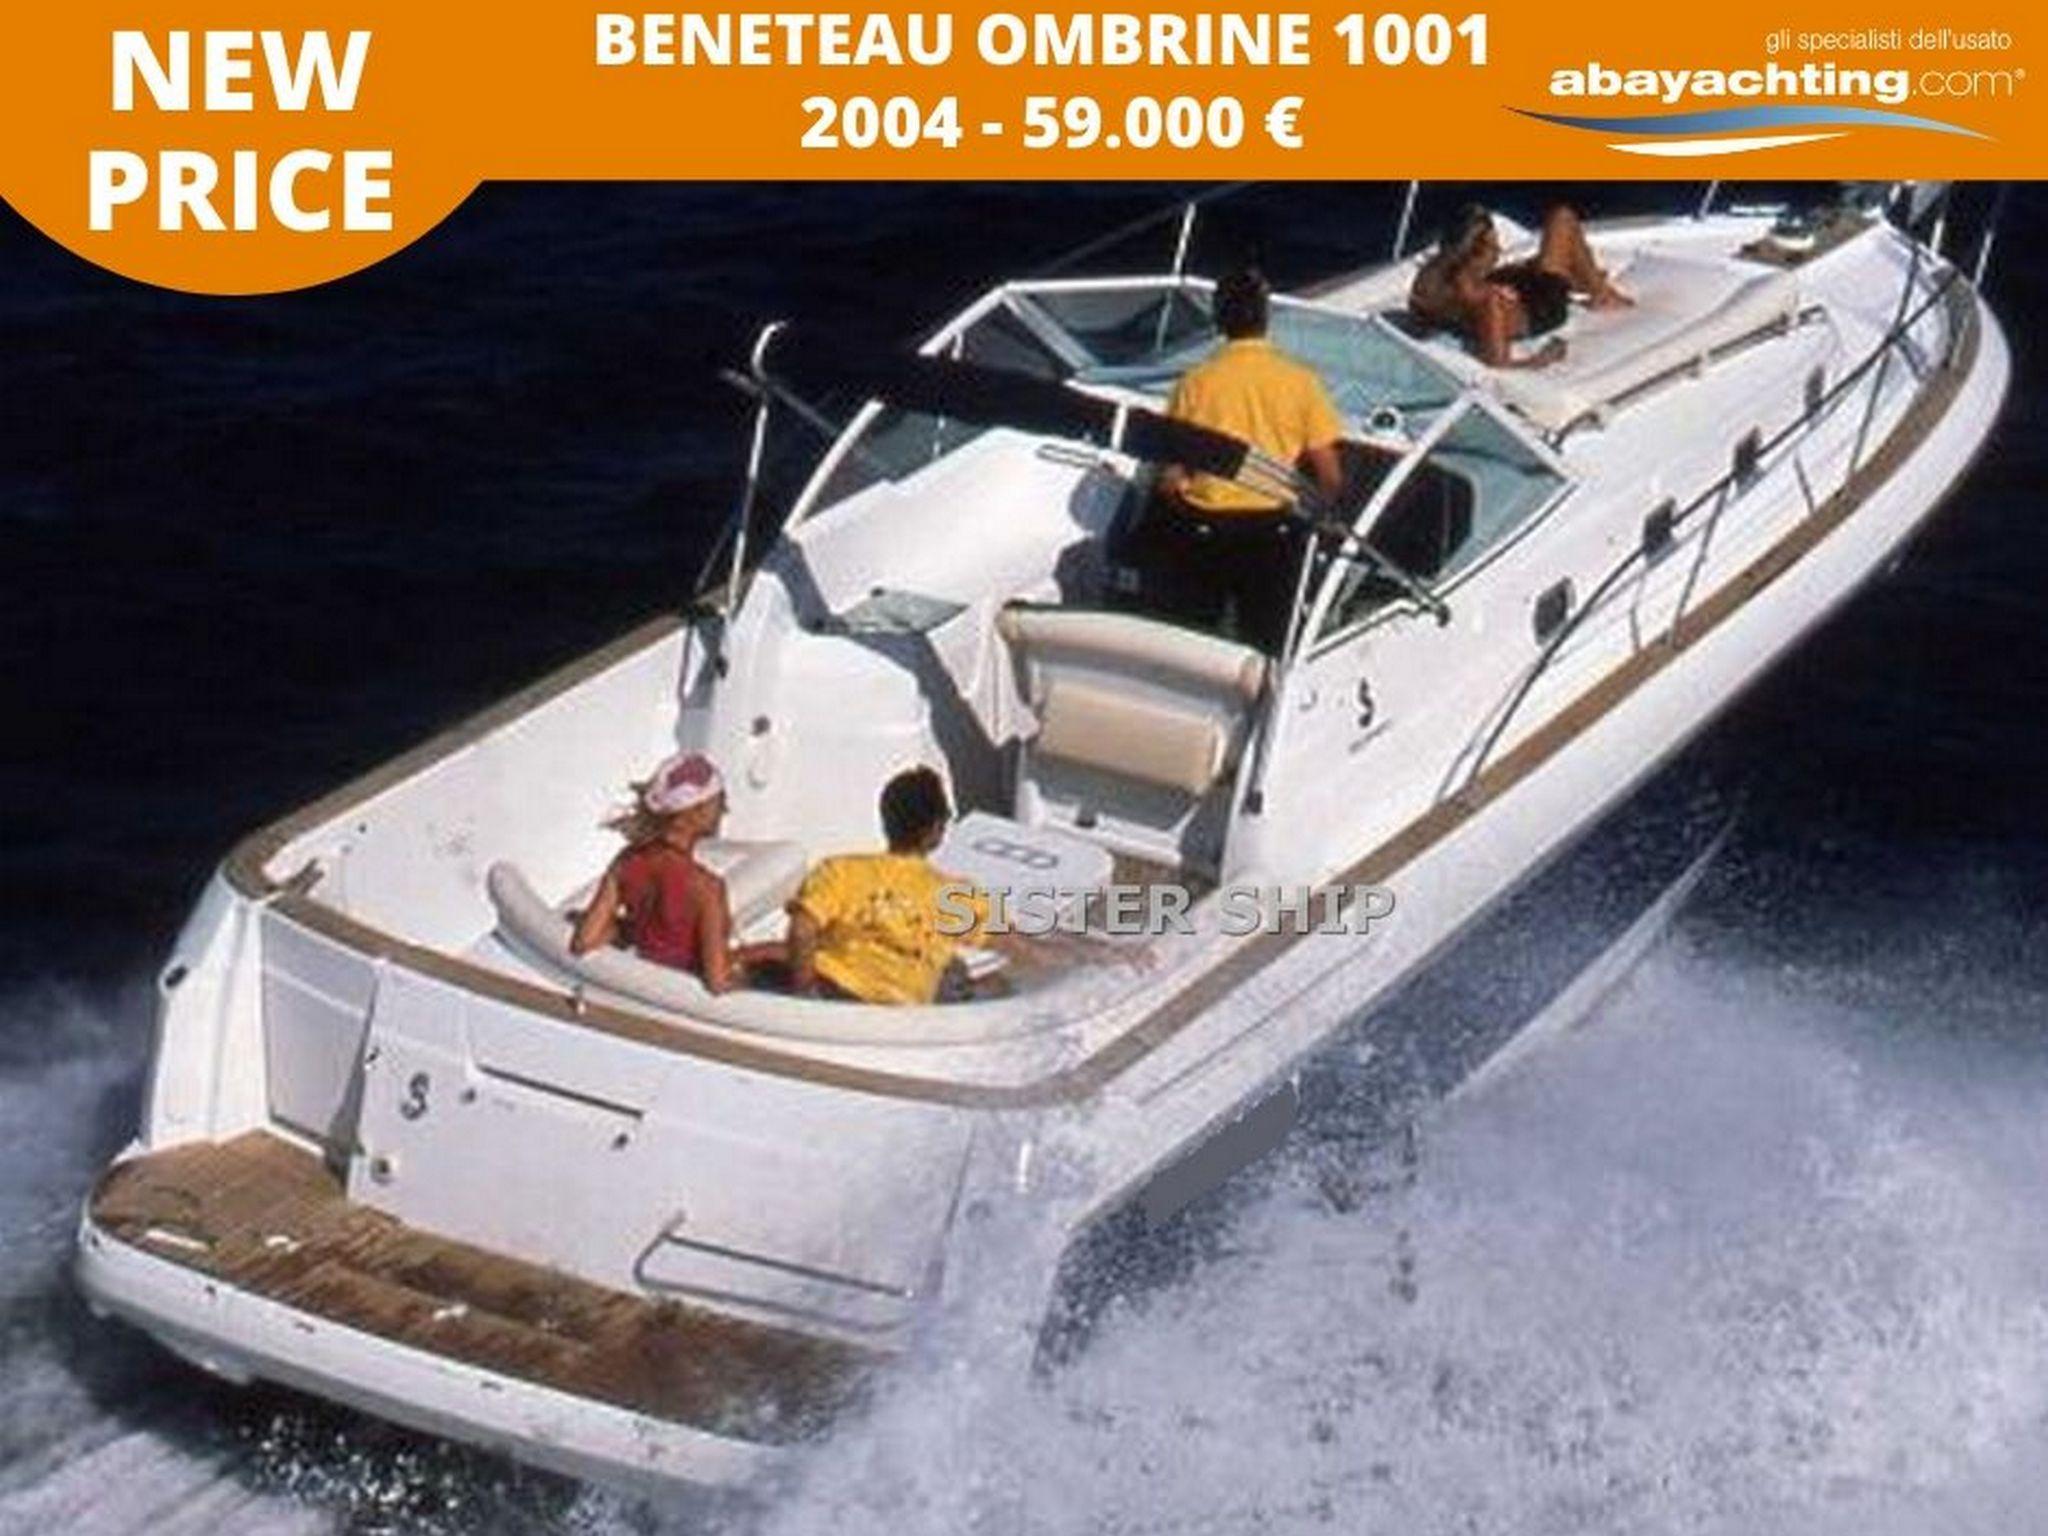 Riduzione di prezzo Beneteau Ombrine 1001